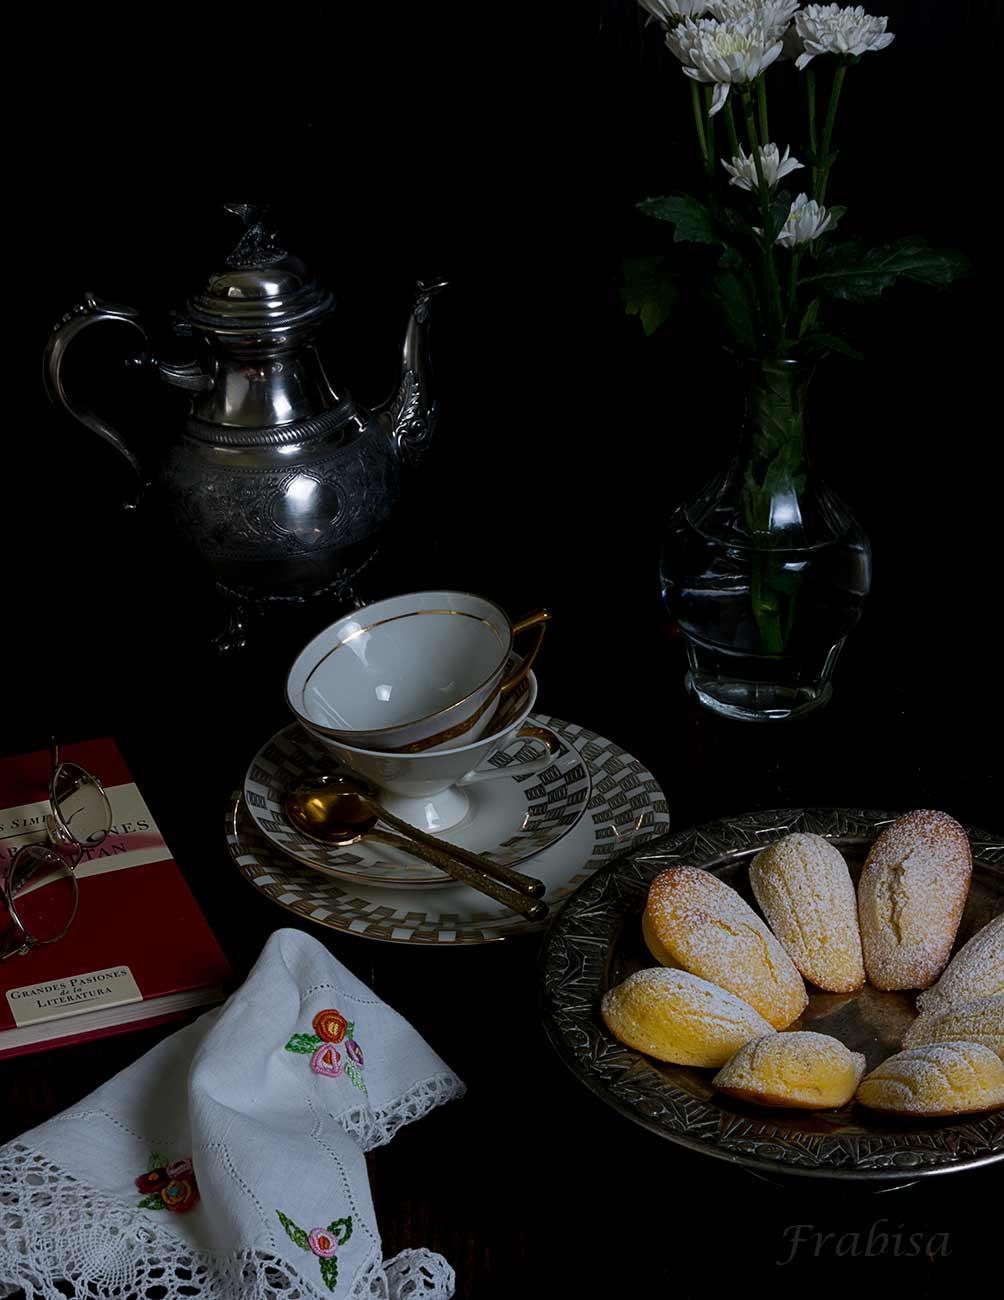 madeleines-frabisa